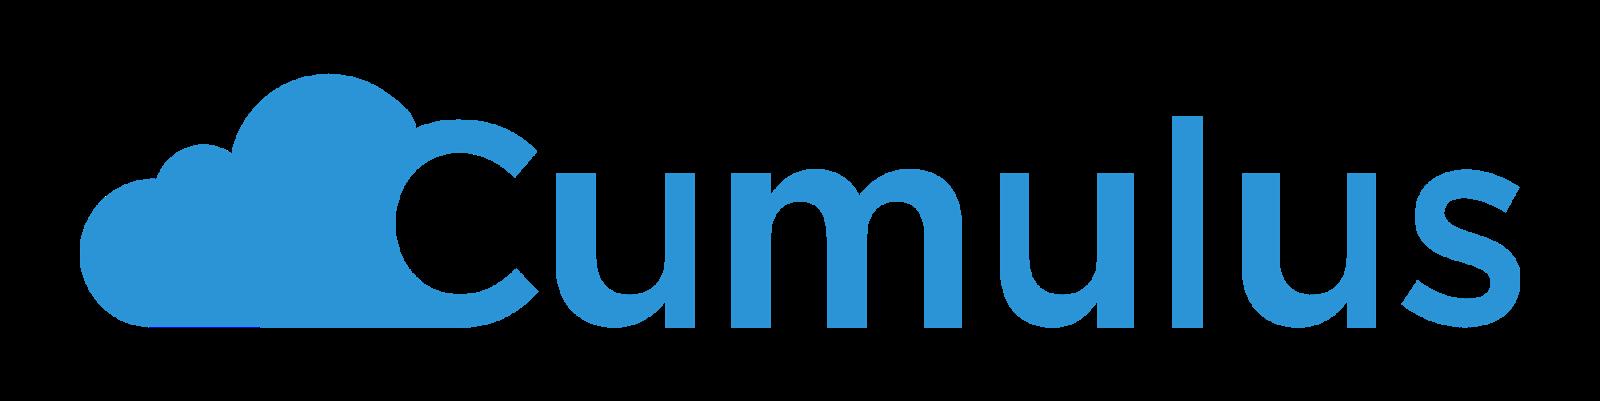 このストーリーの架空の銀行である Cumulus Bank のロゴ。